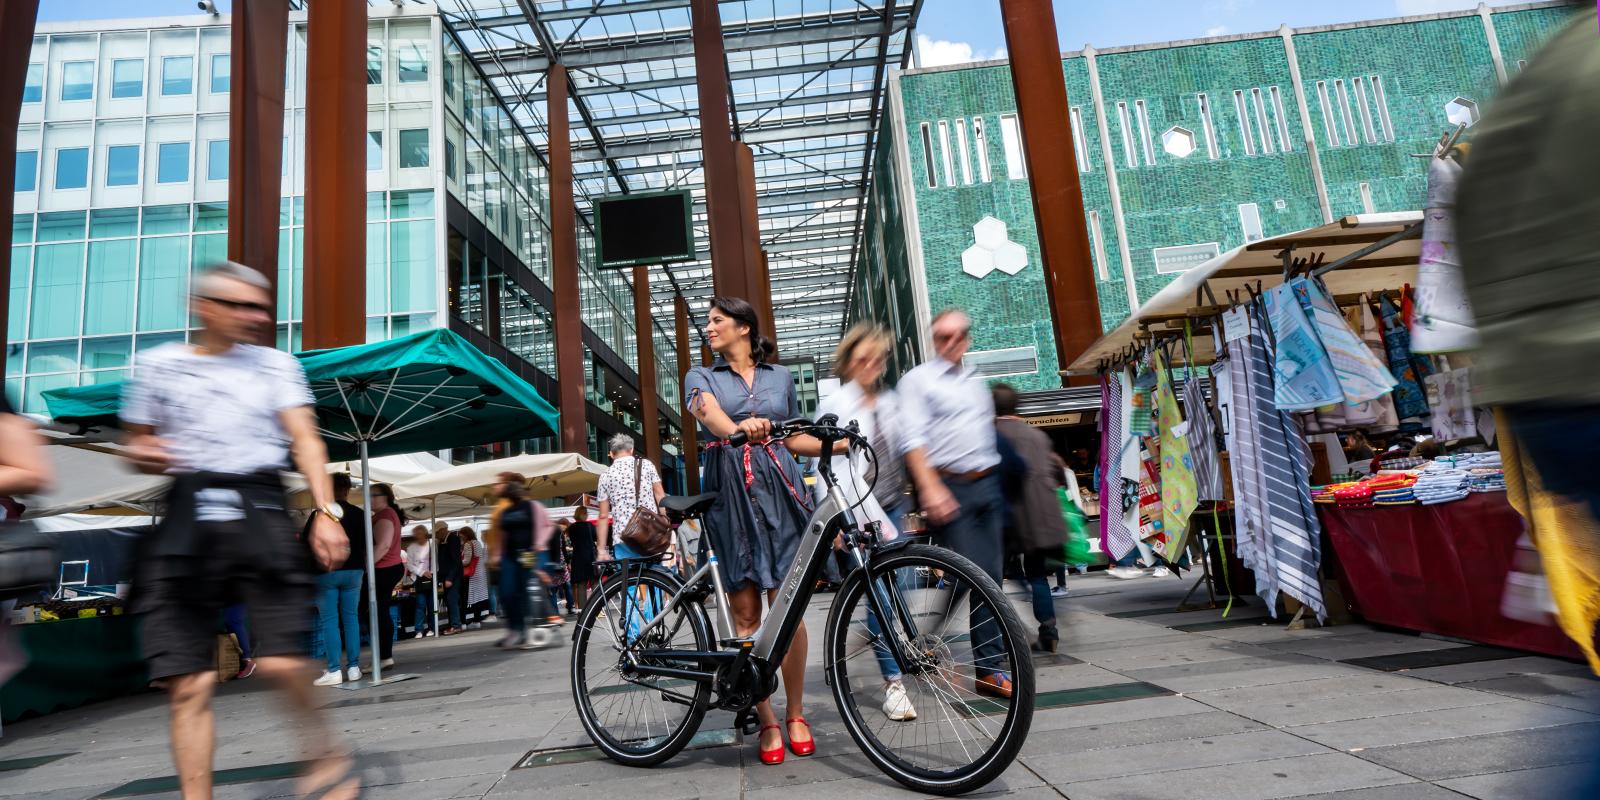 Mevrouw met E-bike in drukke winkelstraat.